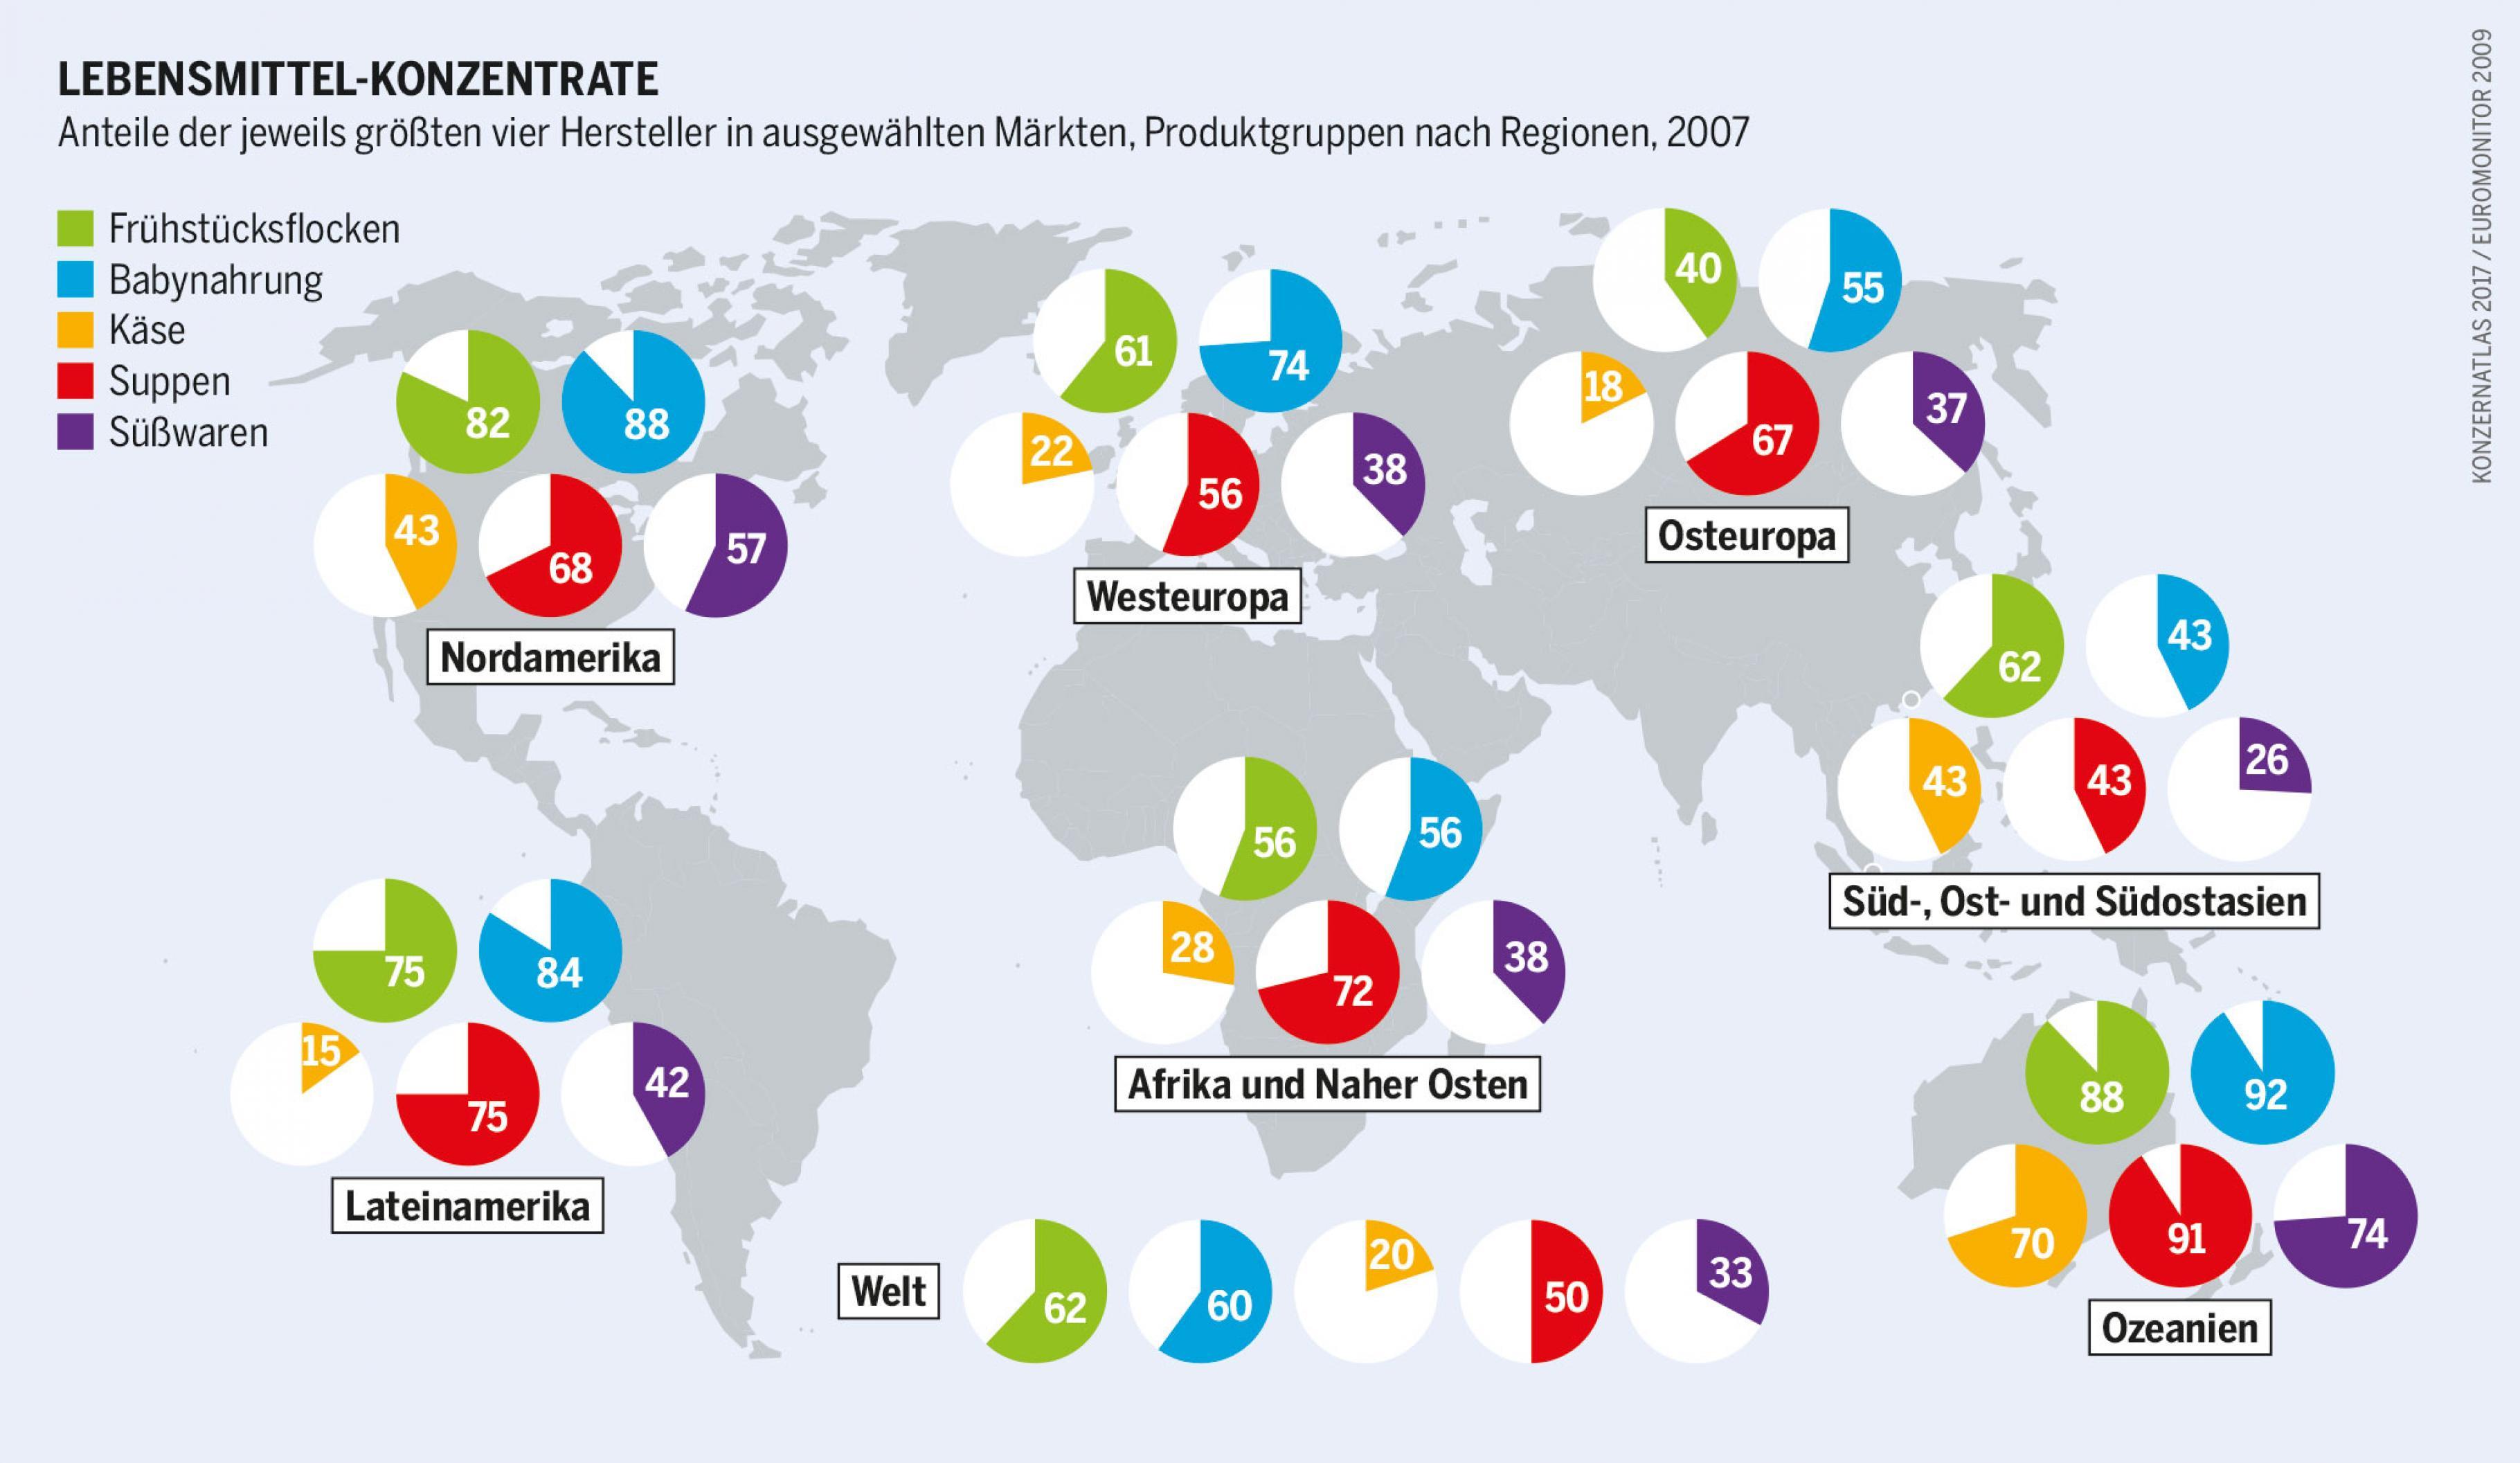 Große nationale oder internationale Lebensmittelhersteller dominieren in vielen Regionen und Produktgruppen.